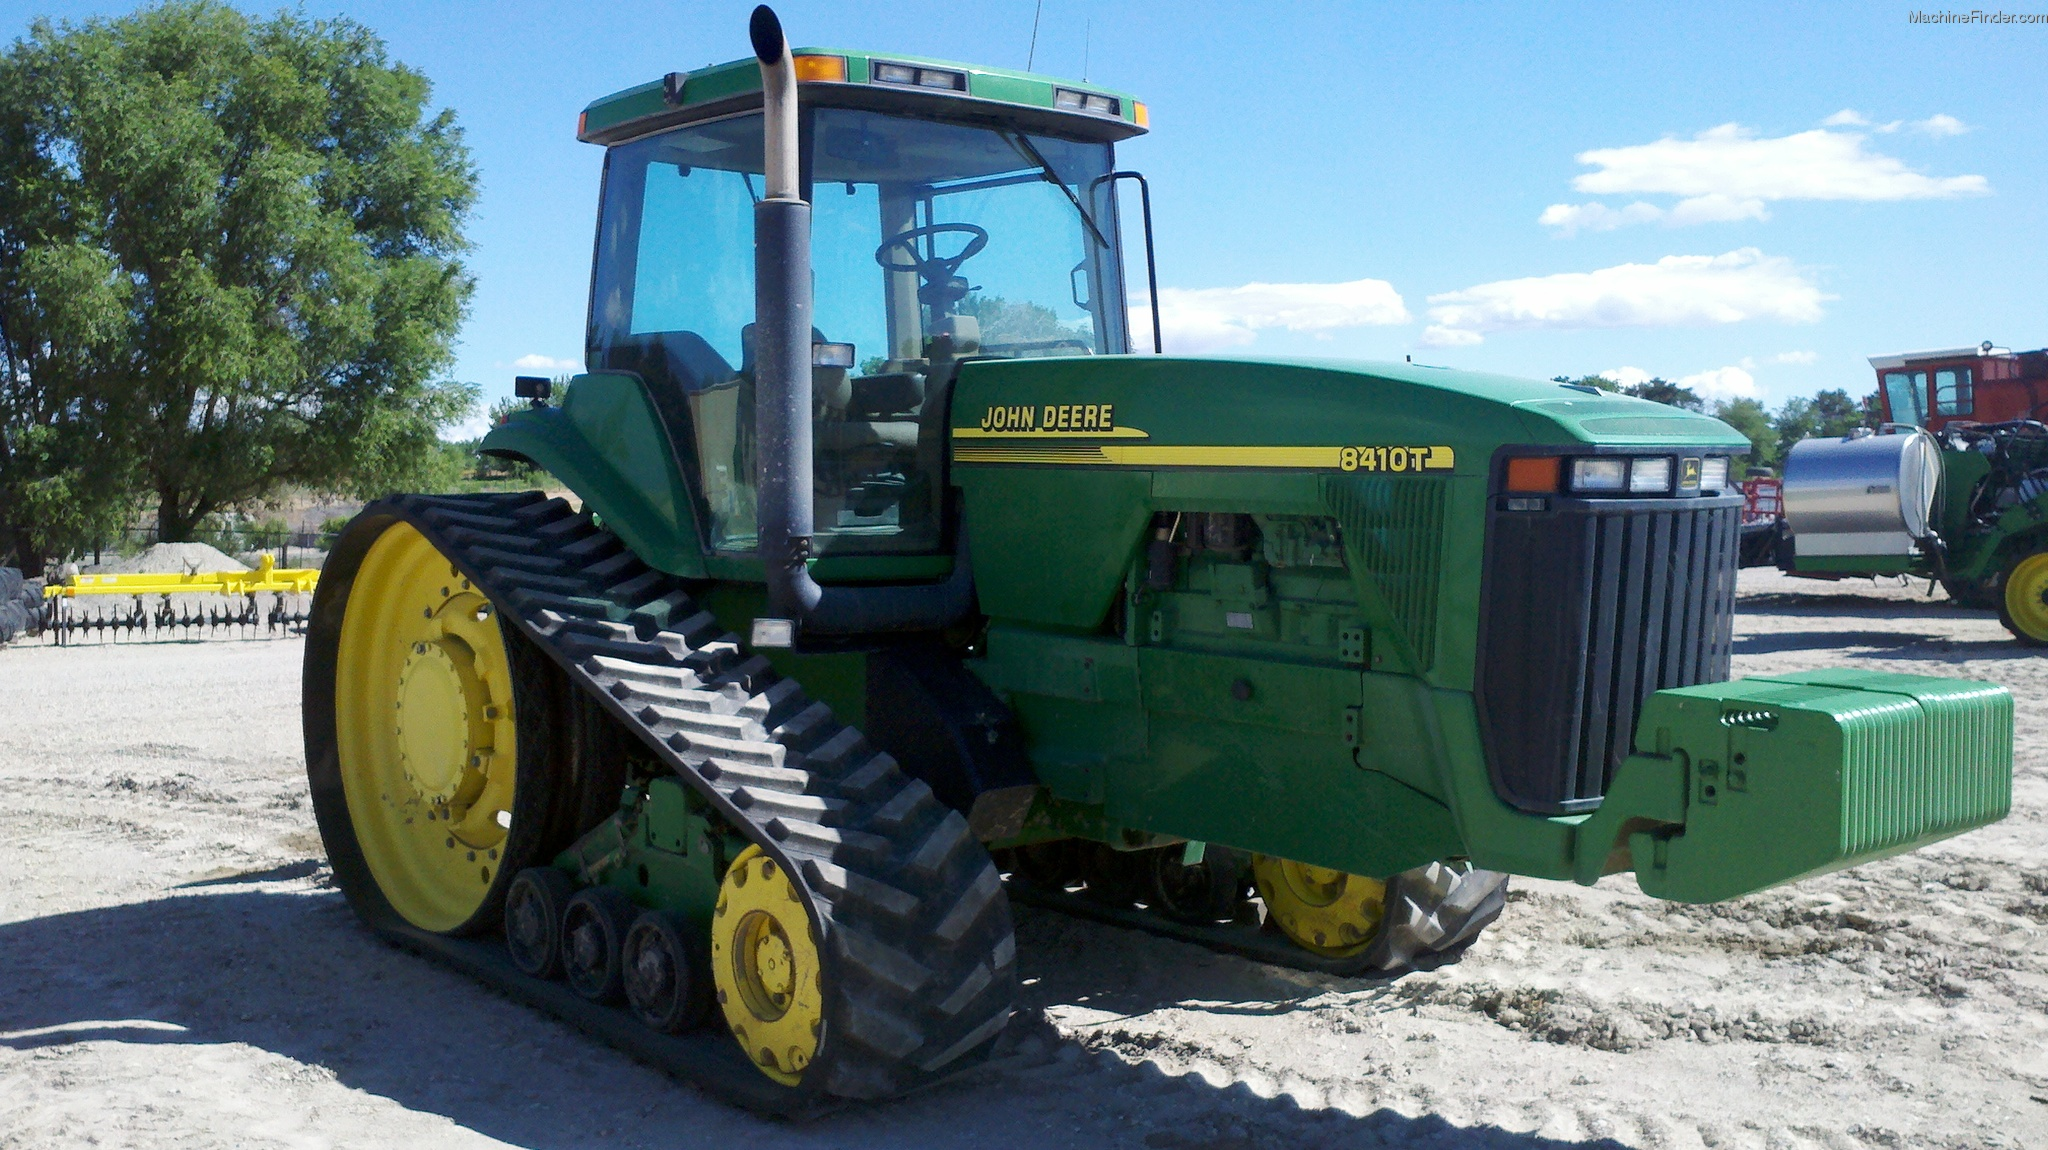 John Deere 8410T Tractors - Row Crop (+100hp) - John Deere ...